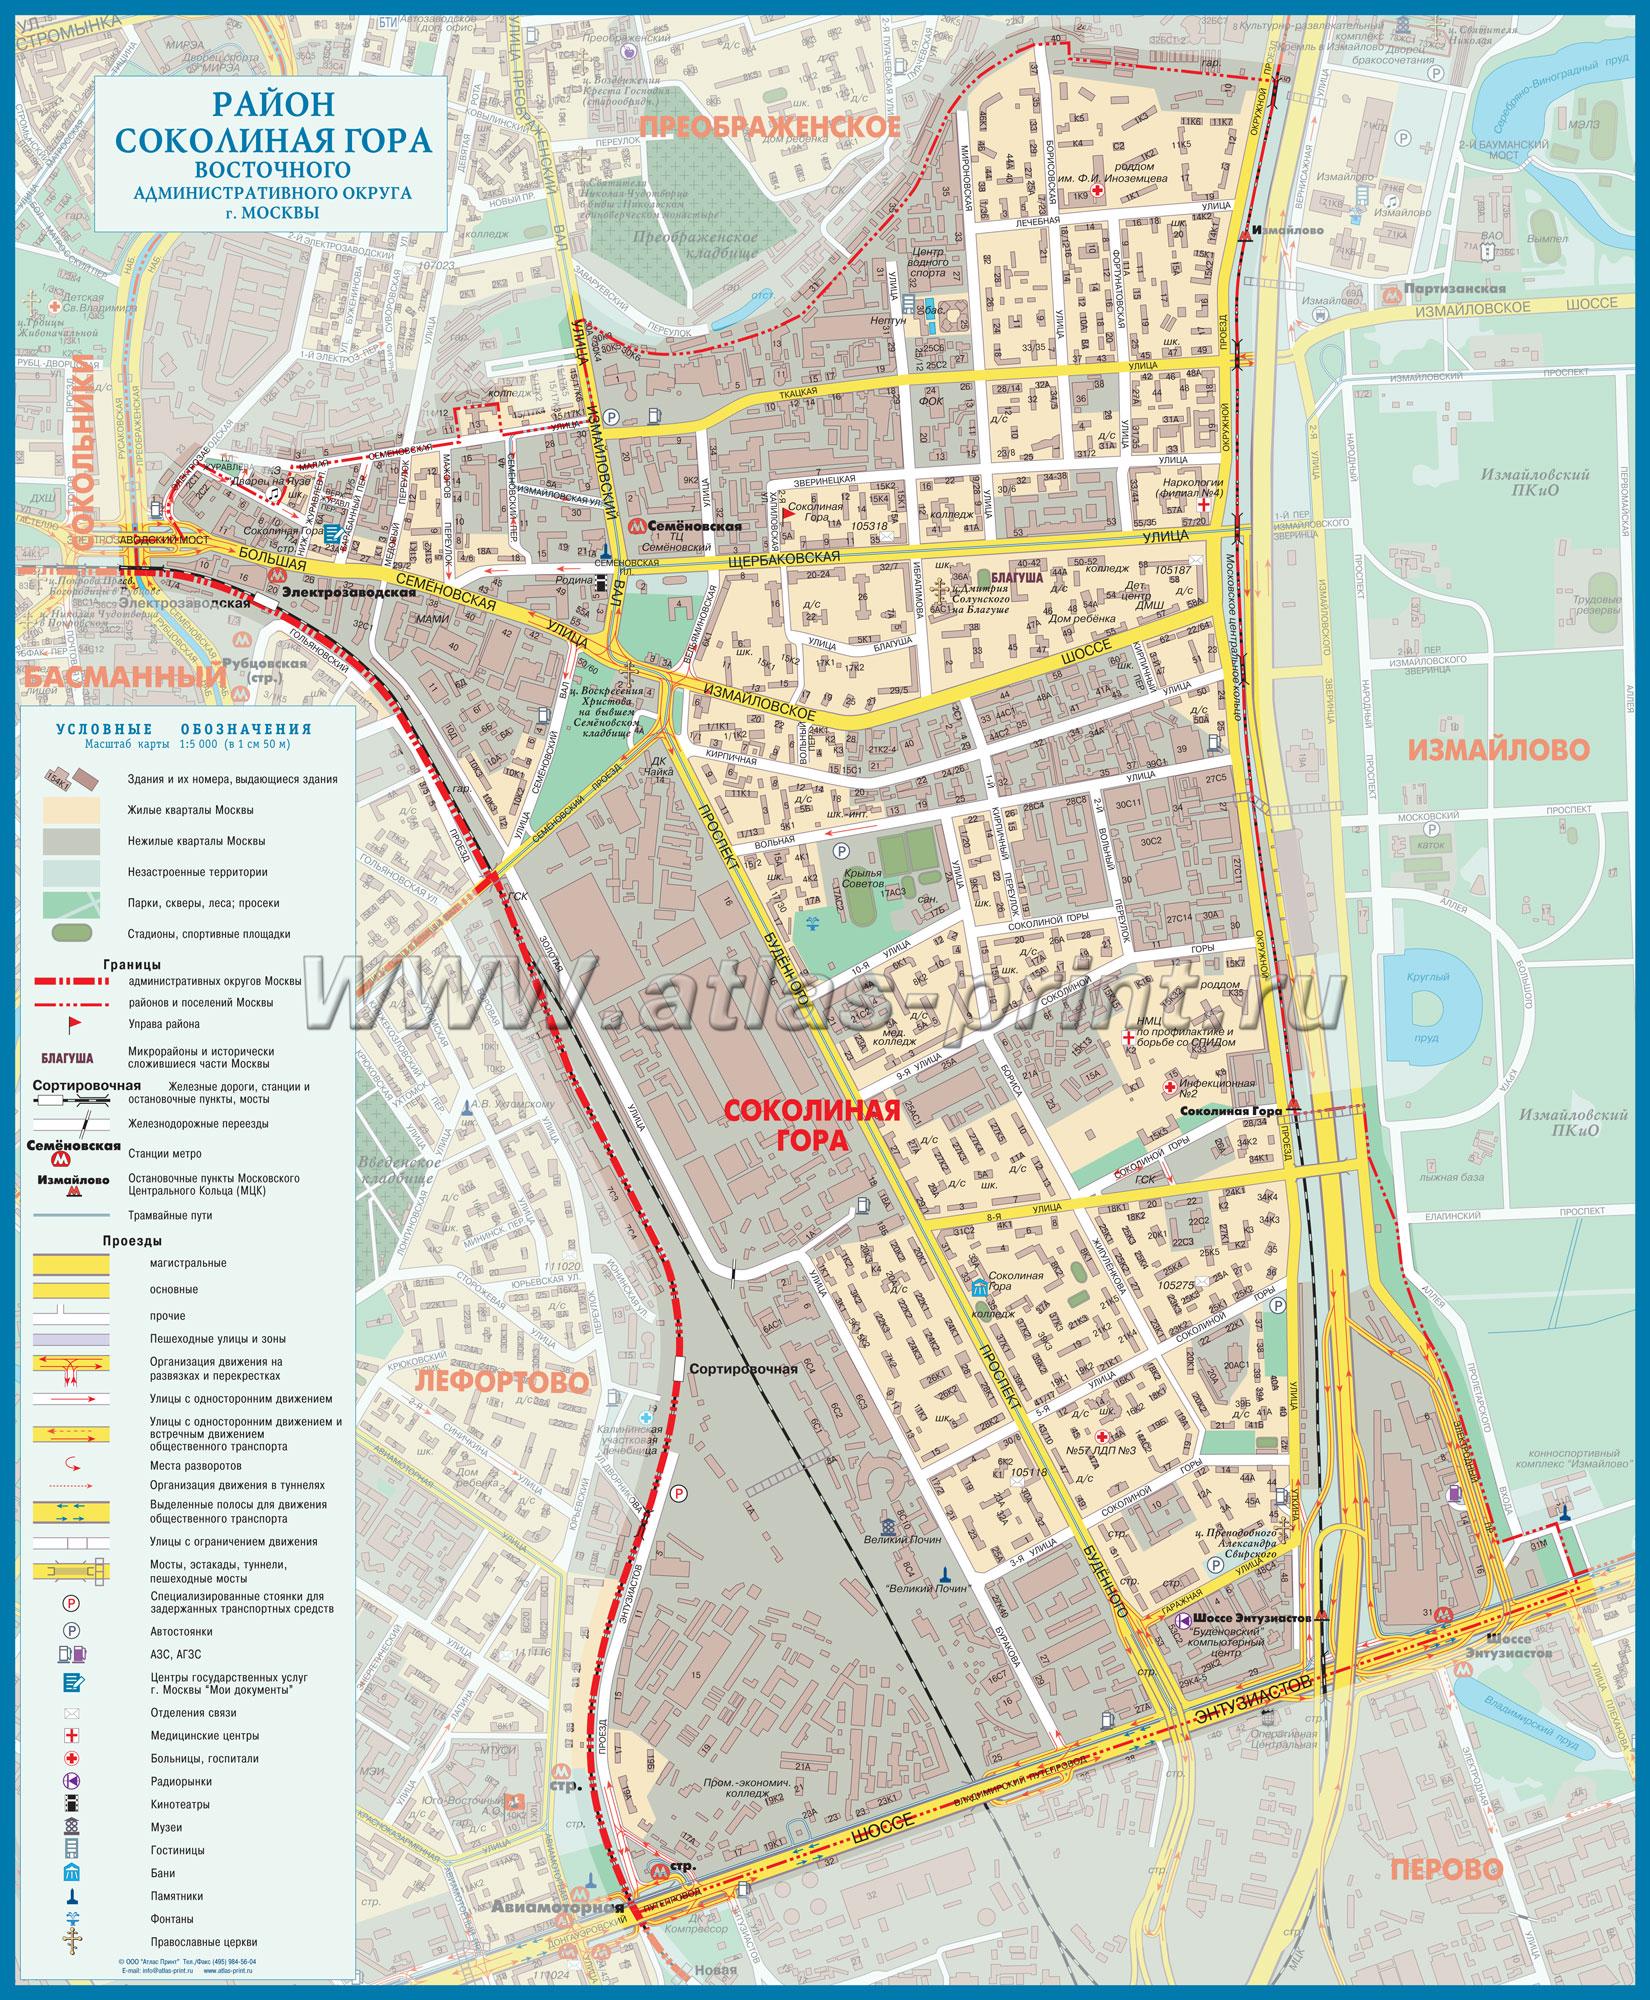 Настенная карта района Соколиная Гора г.Москвы 0,83*1,00 м, ламинированная